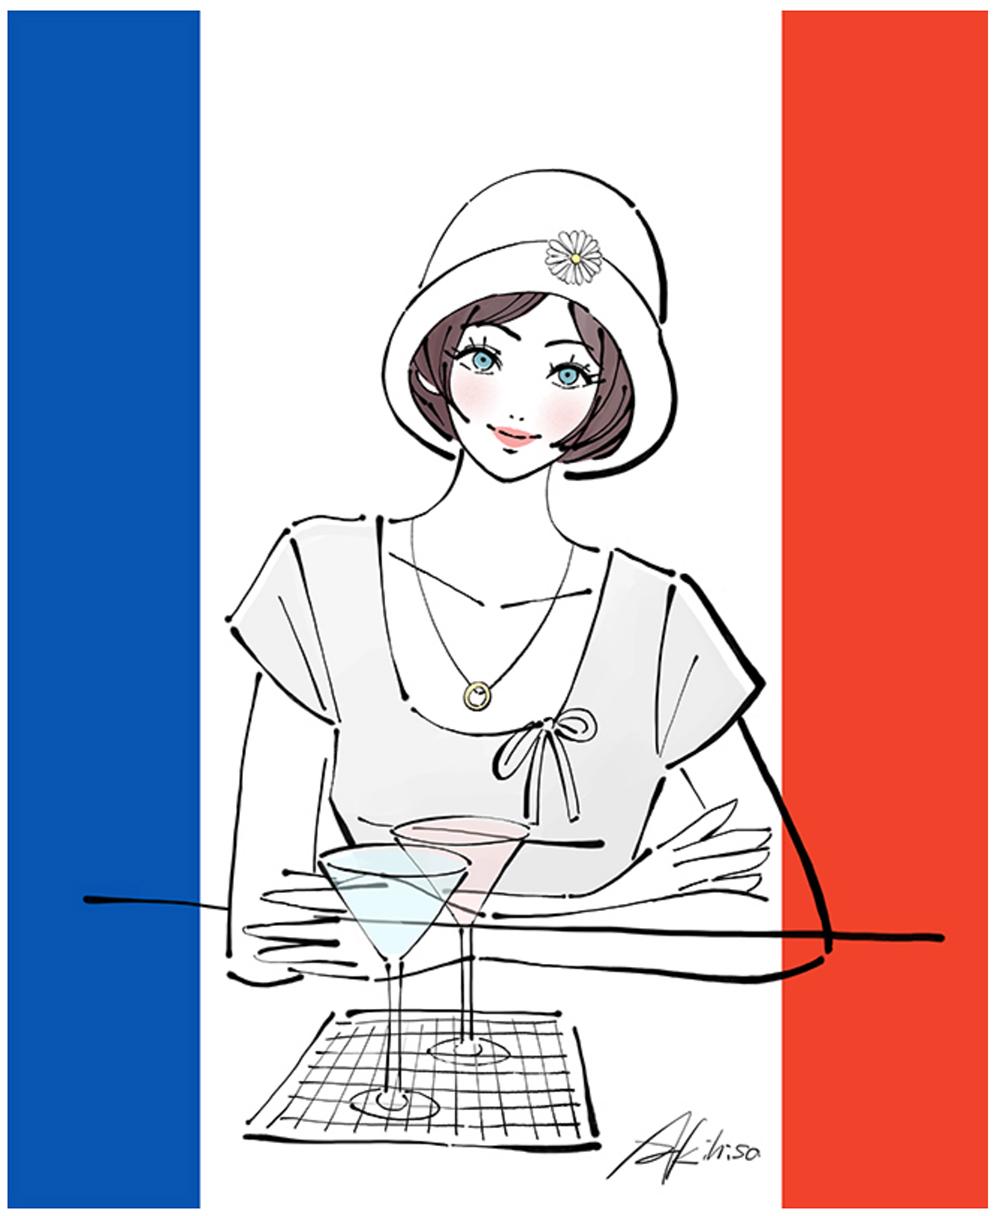 大正・昭和の女性・モダンガールのイラスト。カフェで過ごす